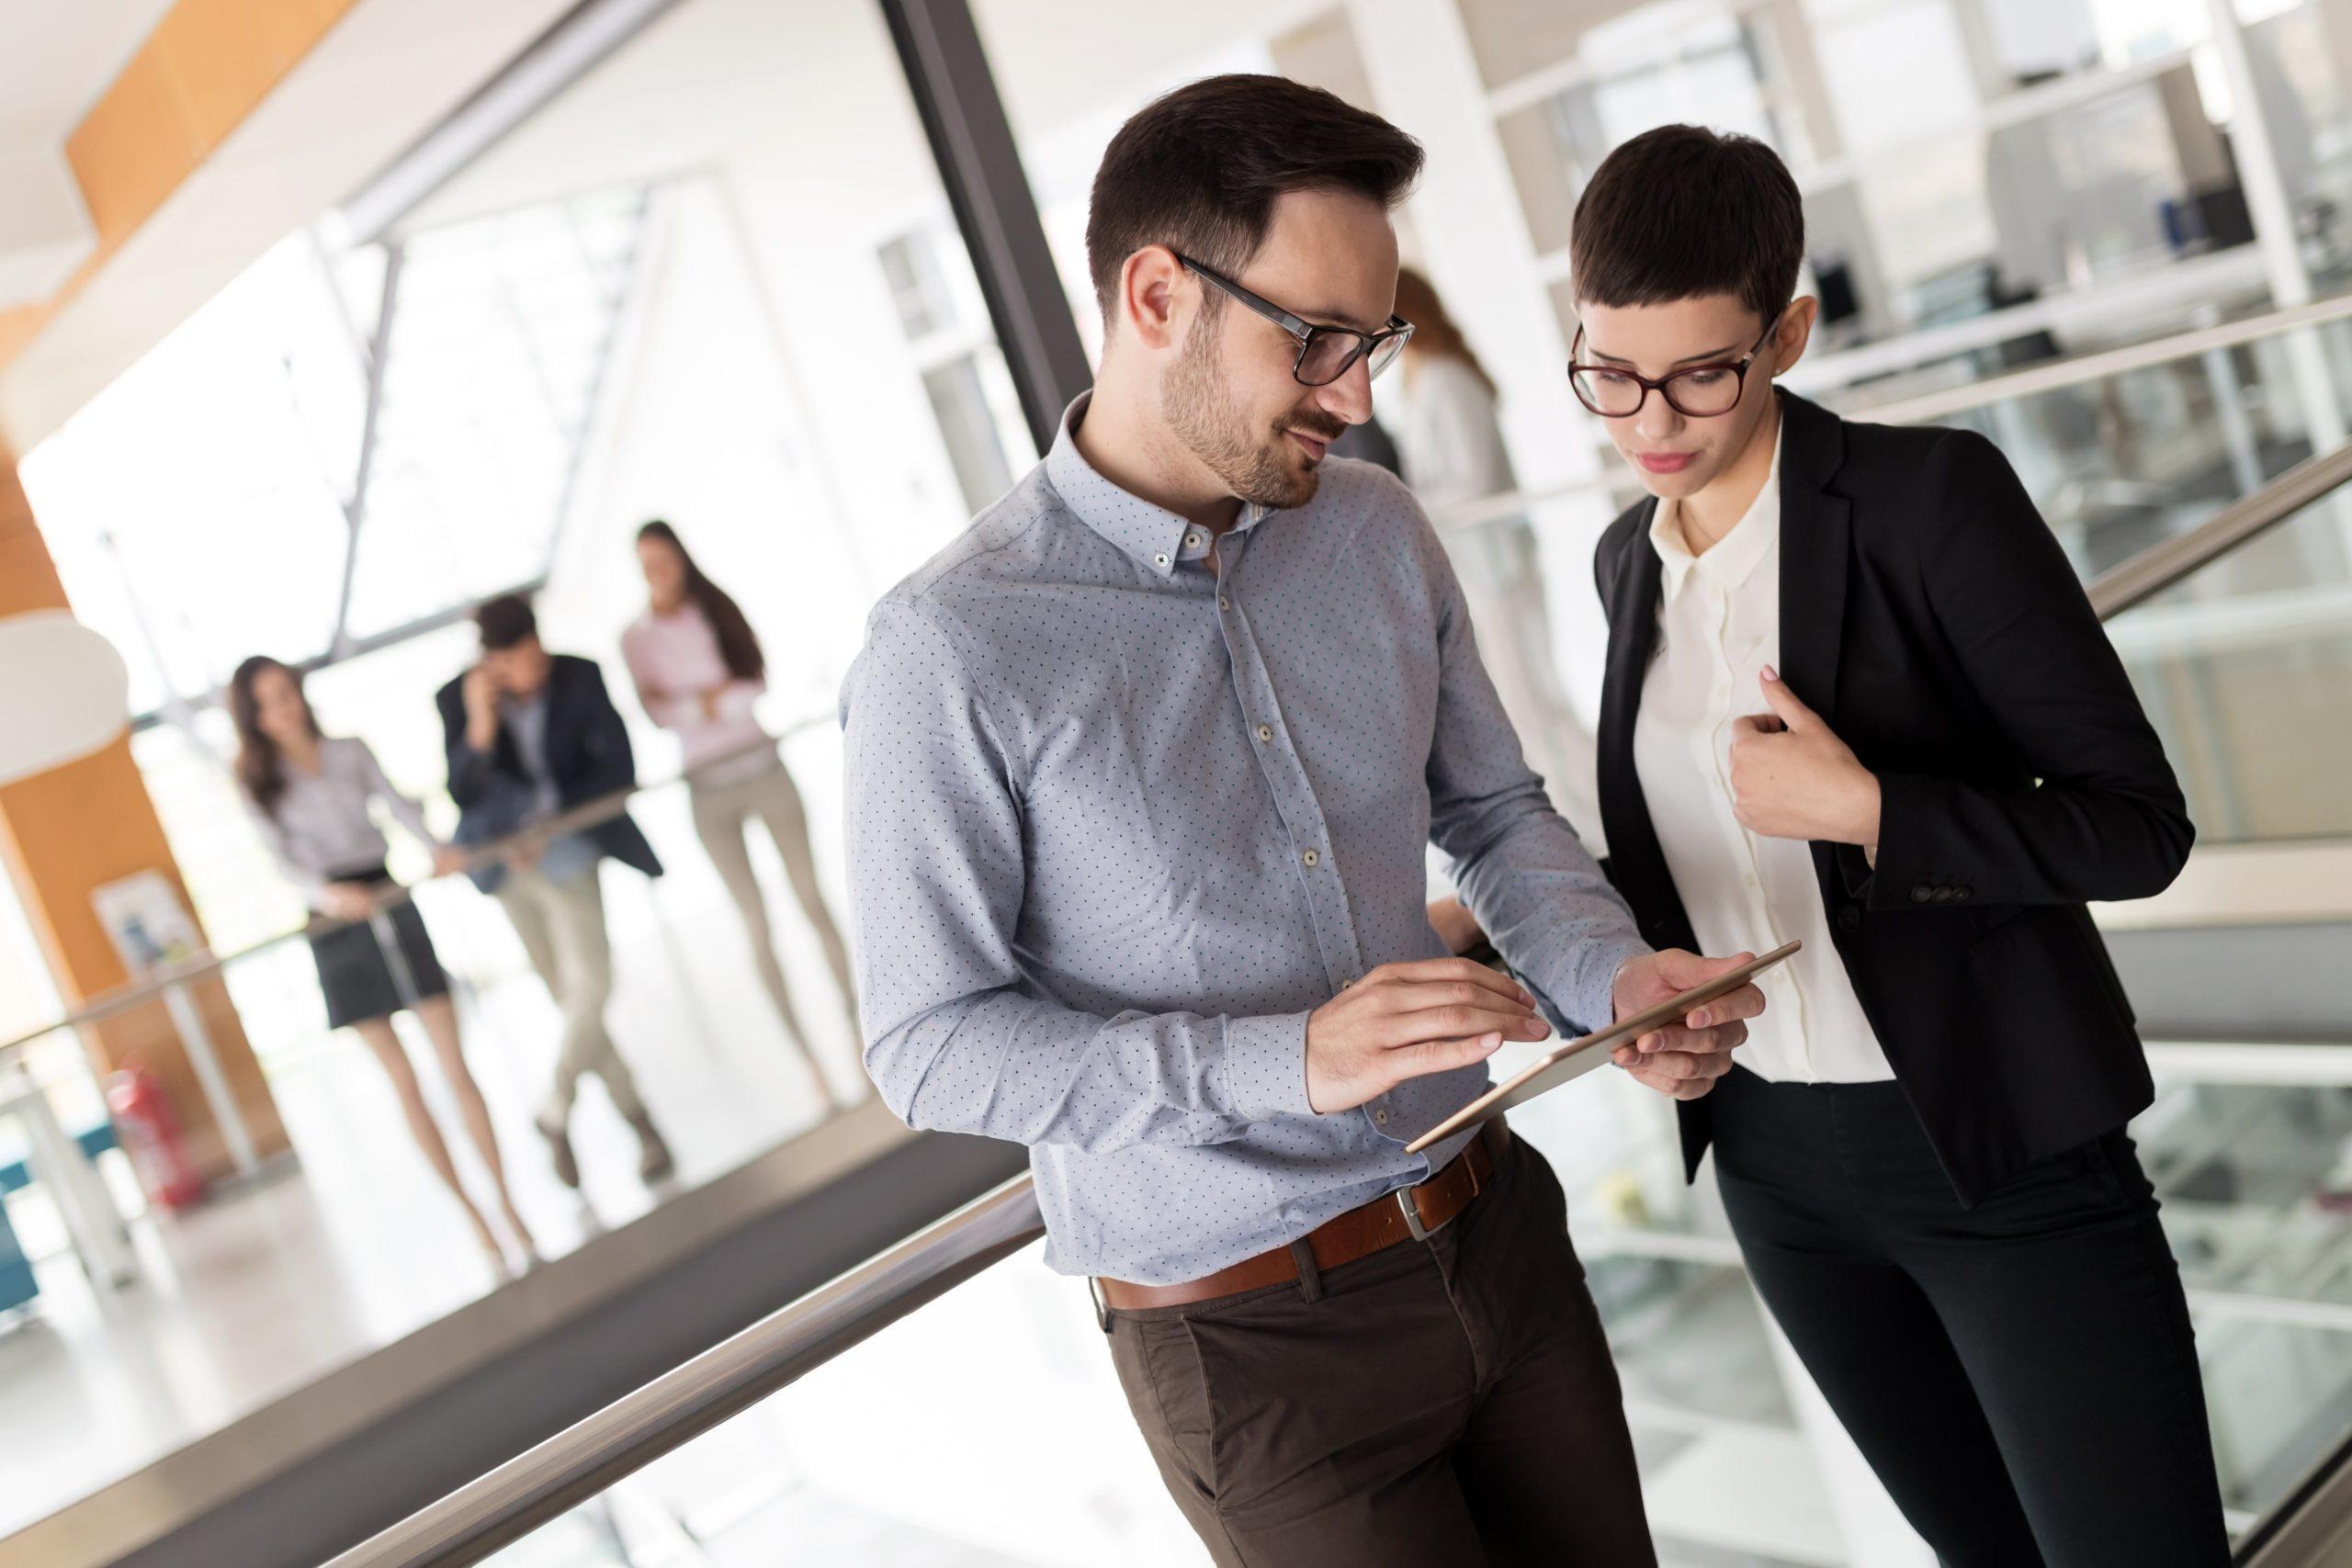 Come puoi far uscire dalla crisi economica la tua azienda?